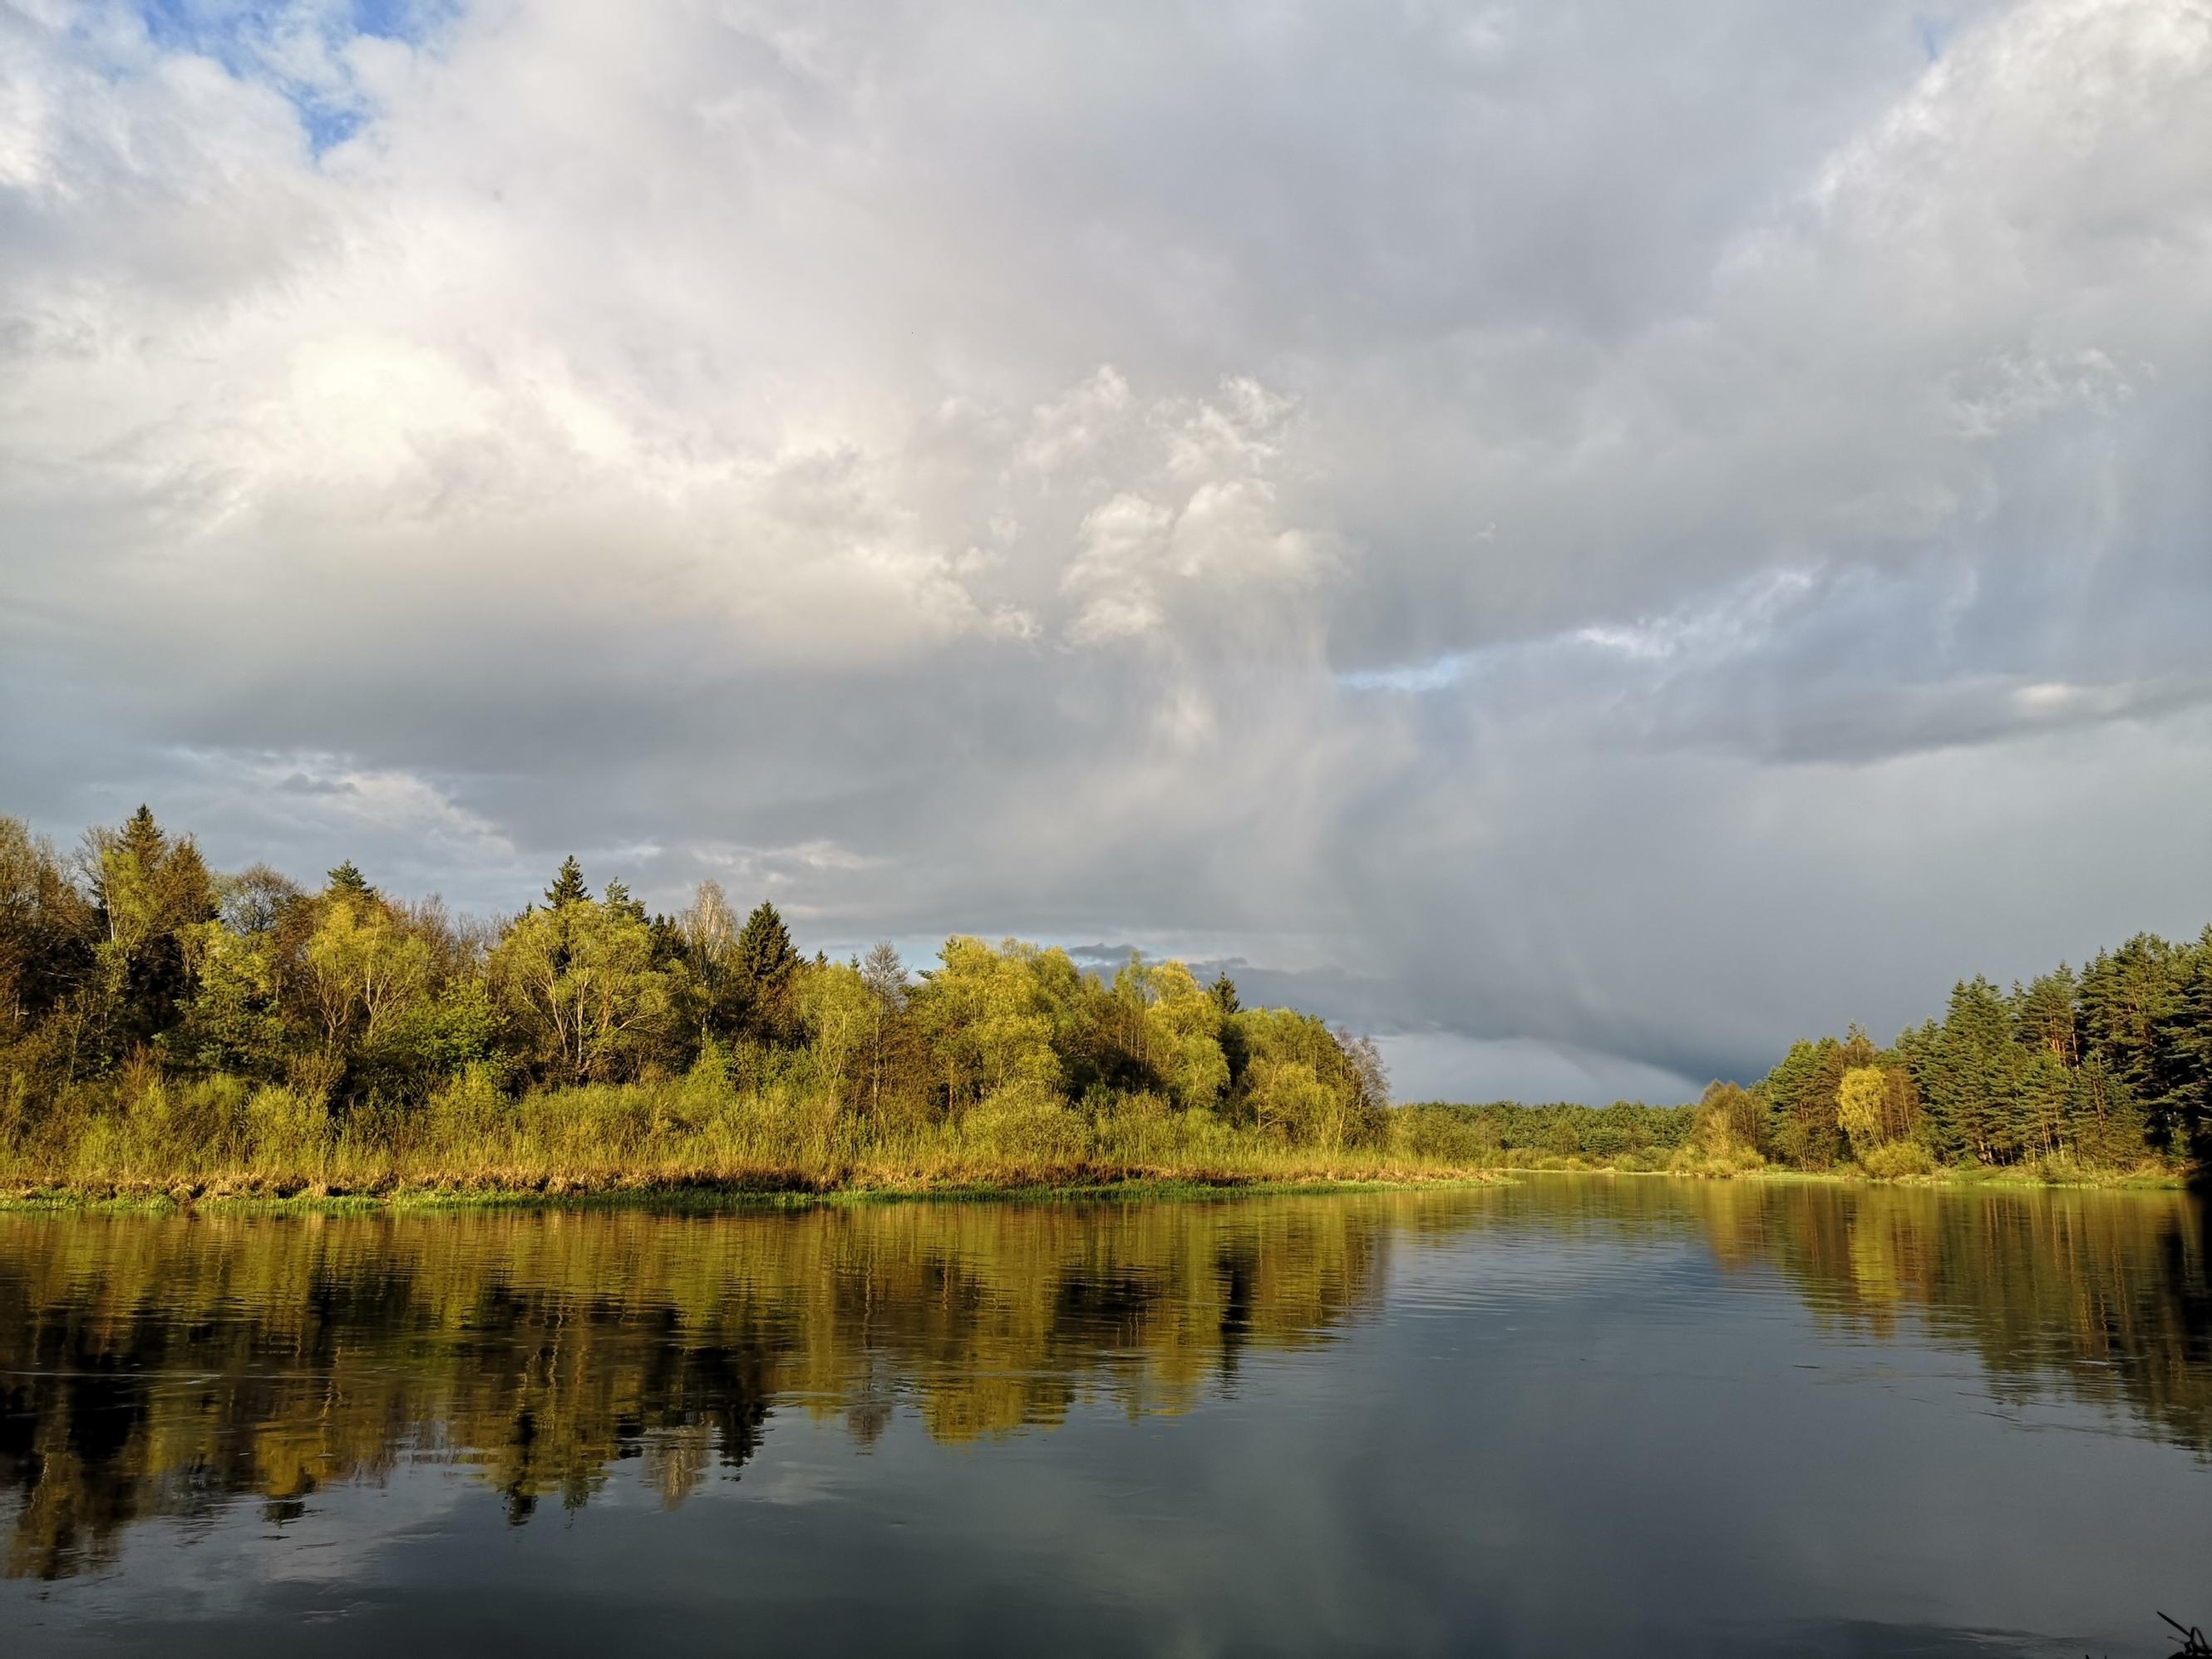 С субботы на понедельник отправились небольшой компанией в ...   Отчеты о рыбалке в Беларуси